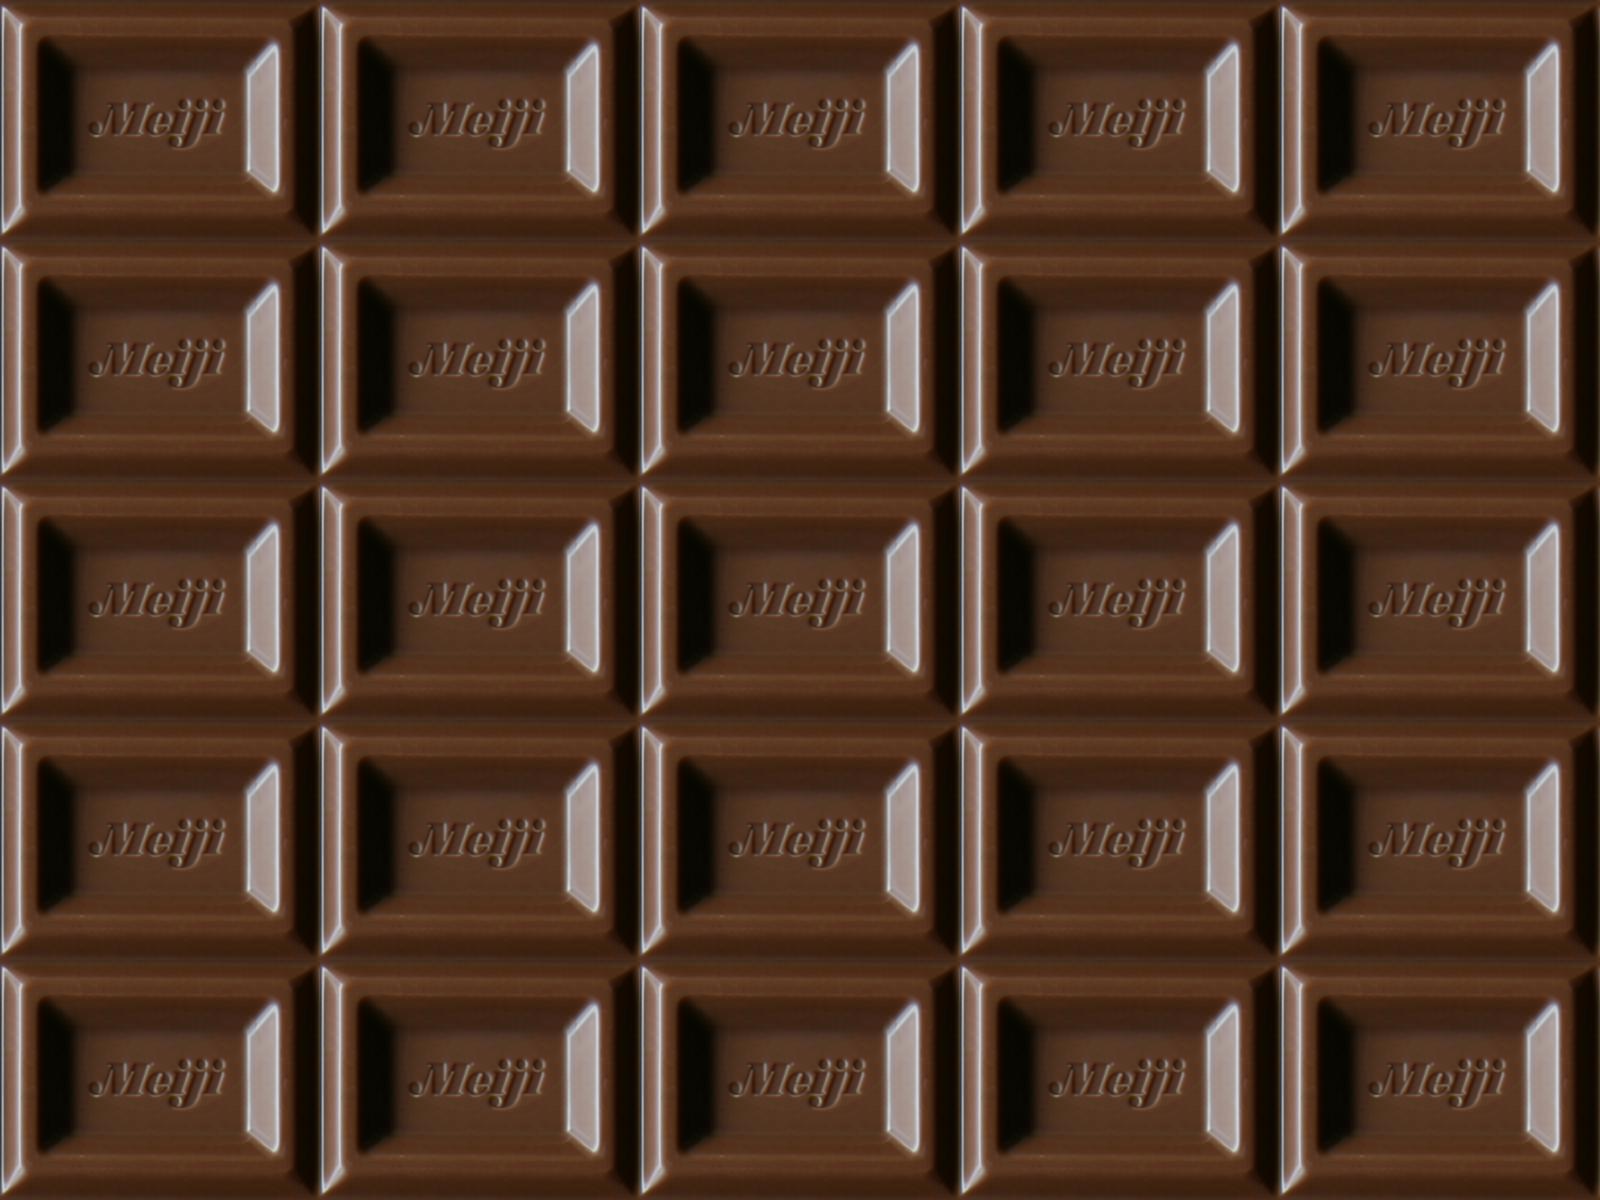 明治チョコレート 大きめ 1600x1600pix size